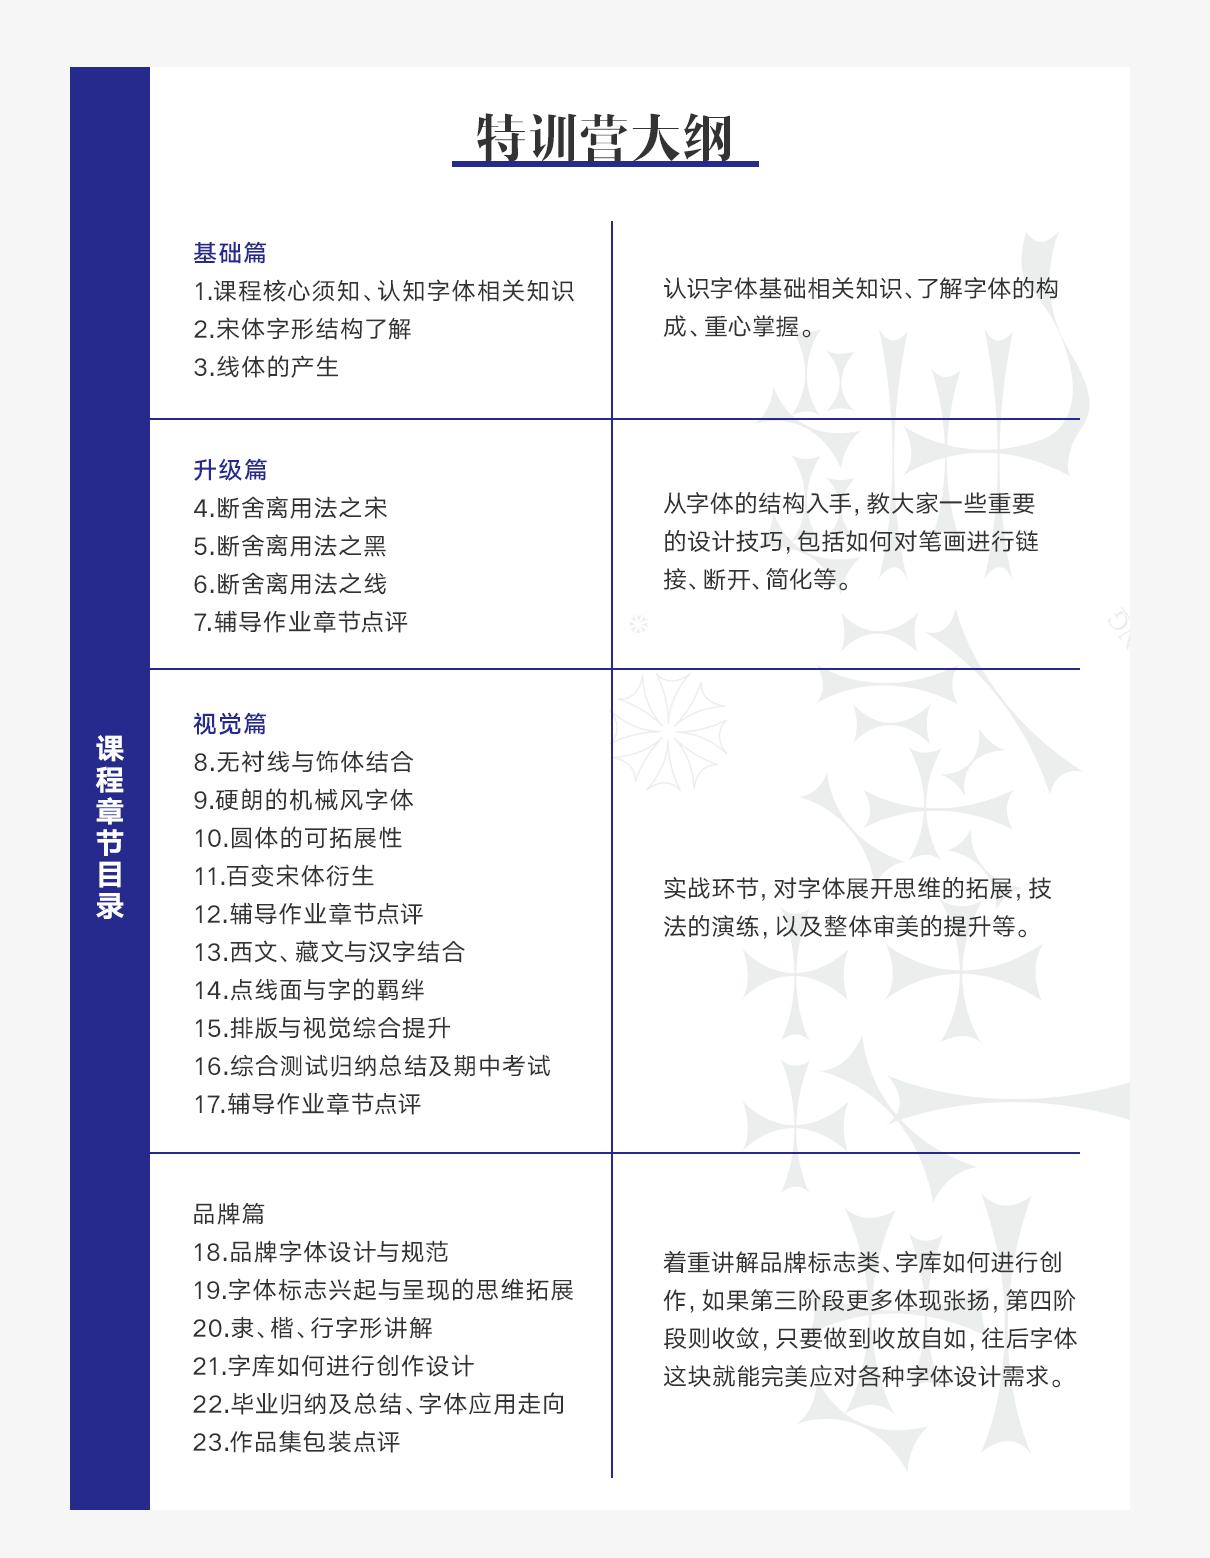 【要上线】商业字体设计系统特训营【特训|直播】简介